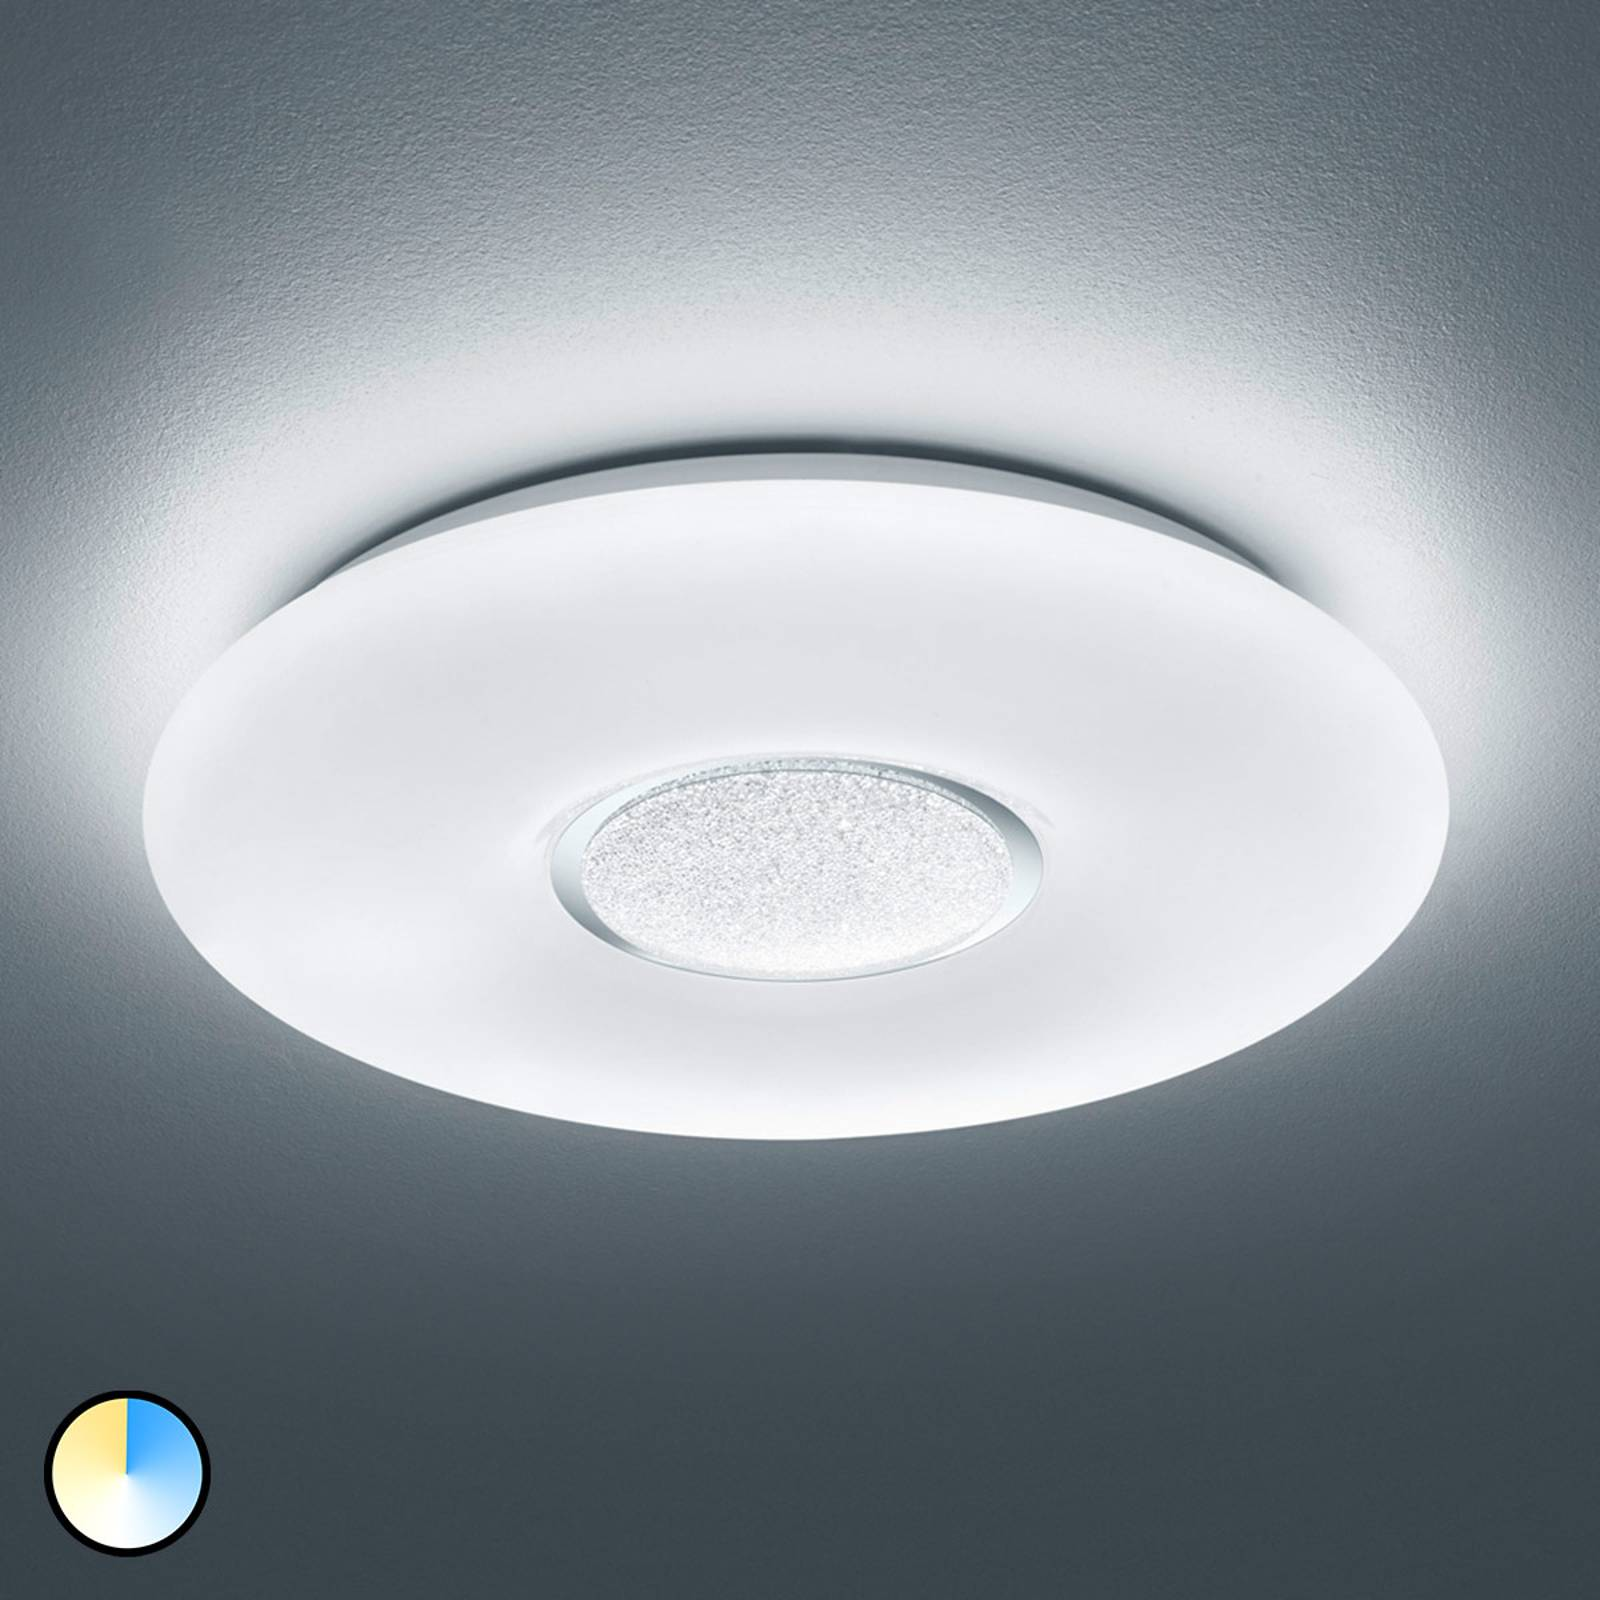 lampen von reality leuchten bei lampenwelt g nstig online kaufen bei m bel garten. Black Bedroom Furniture Sets. Home Design Ideas